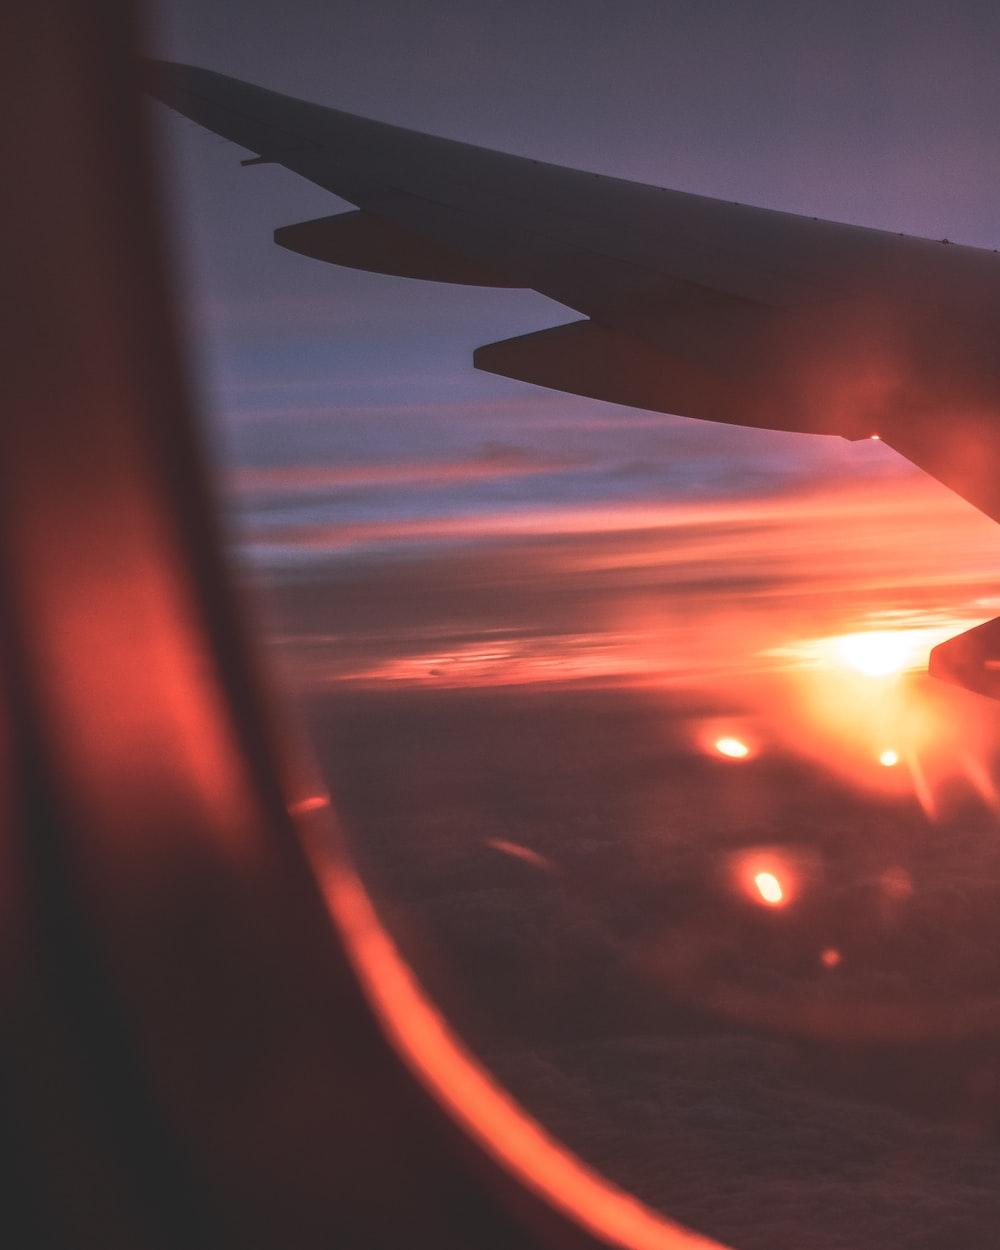 plane flies during golden hour